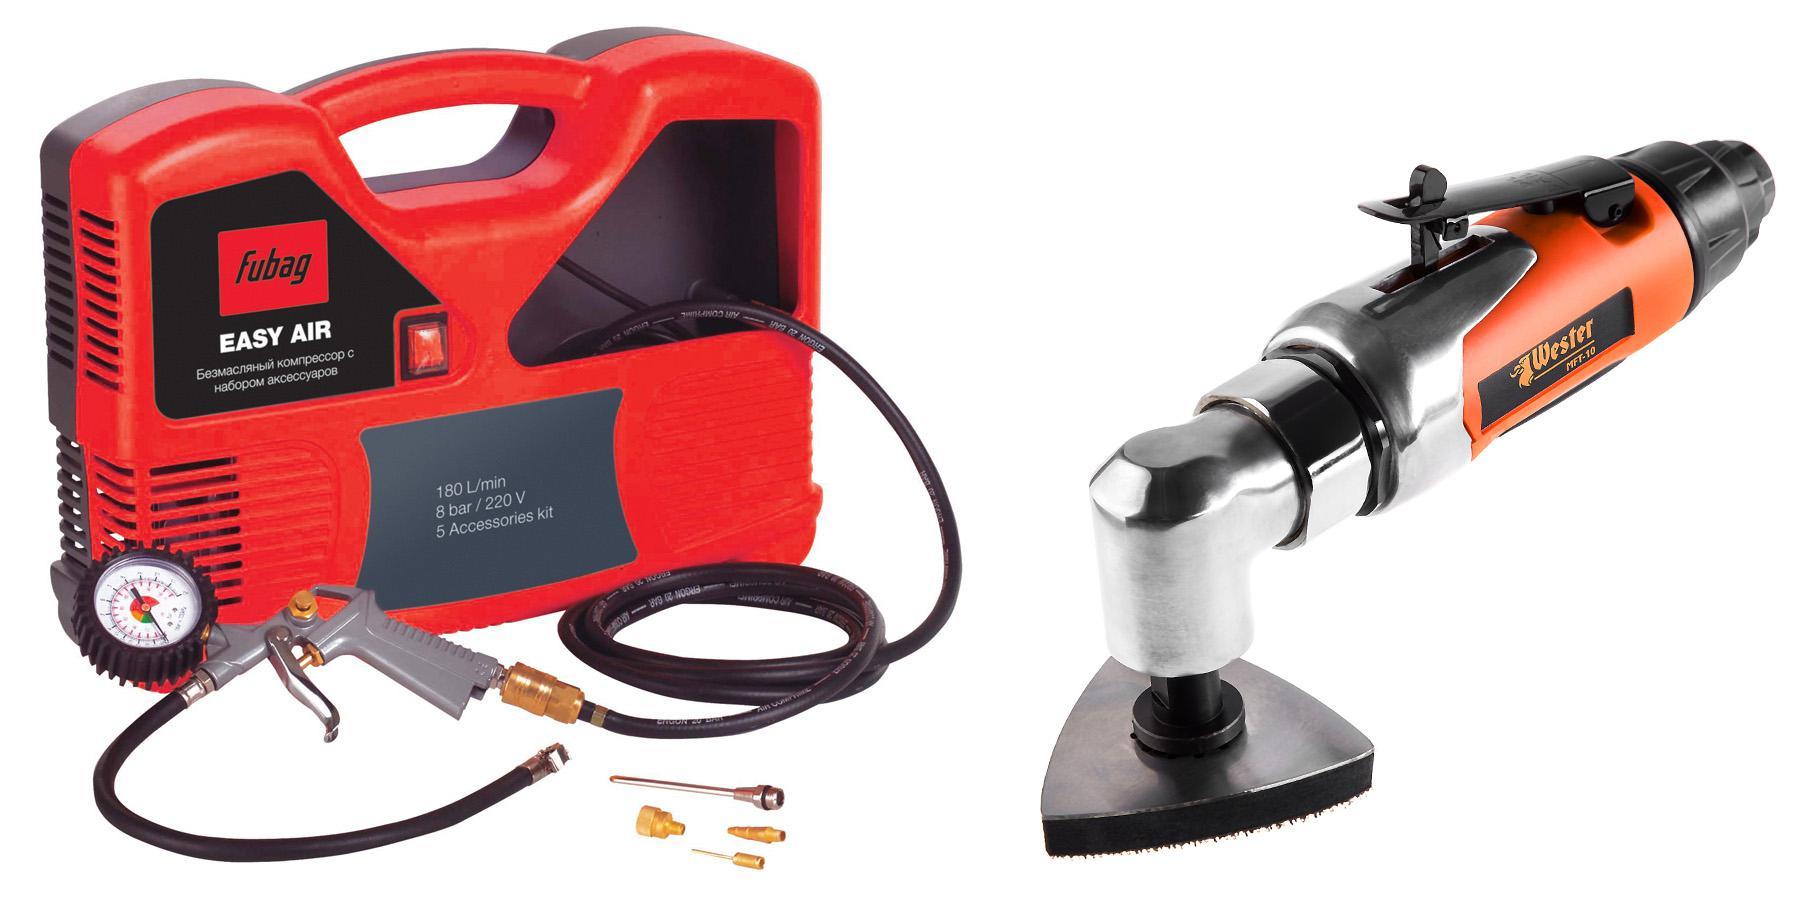 Набор Fubag Компрессор easy air +Инструмент многофункциональный mft-10 цены